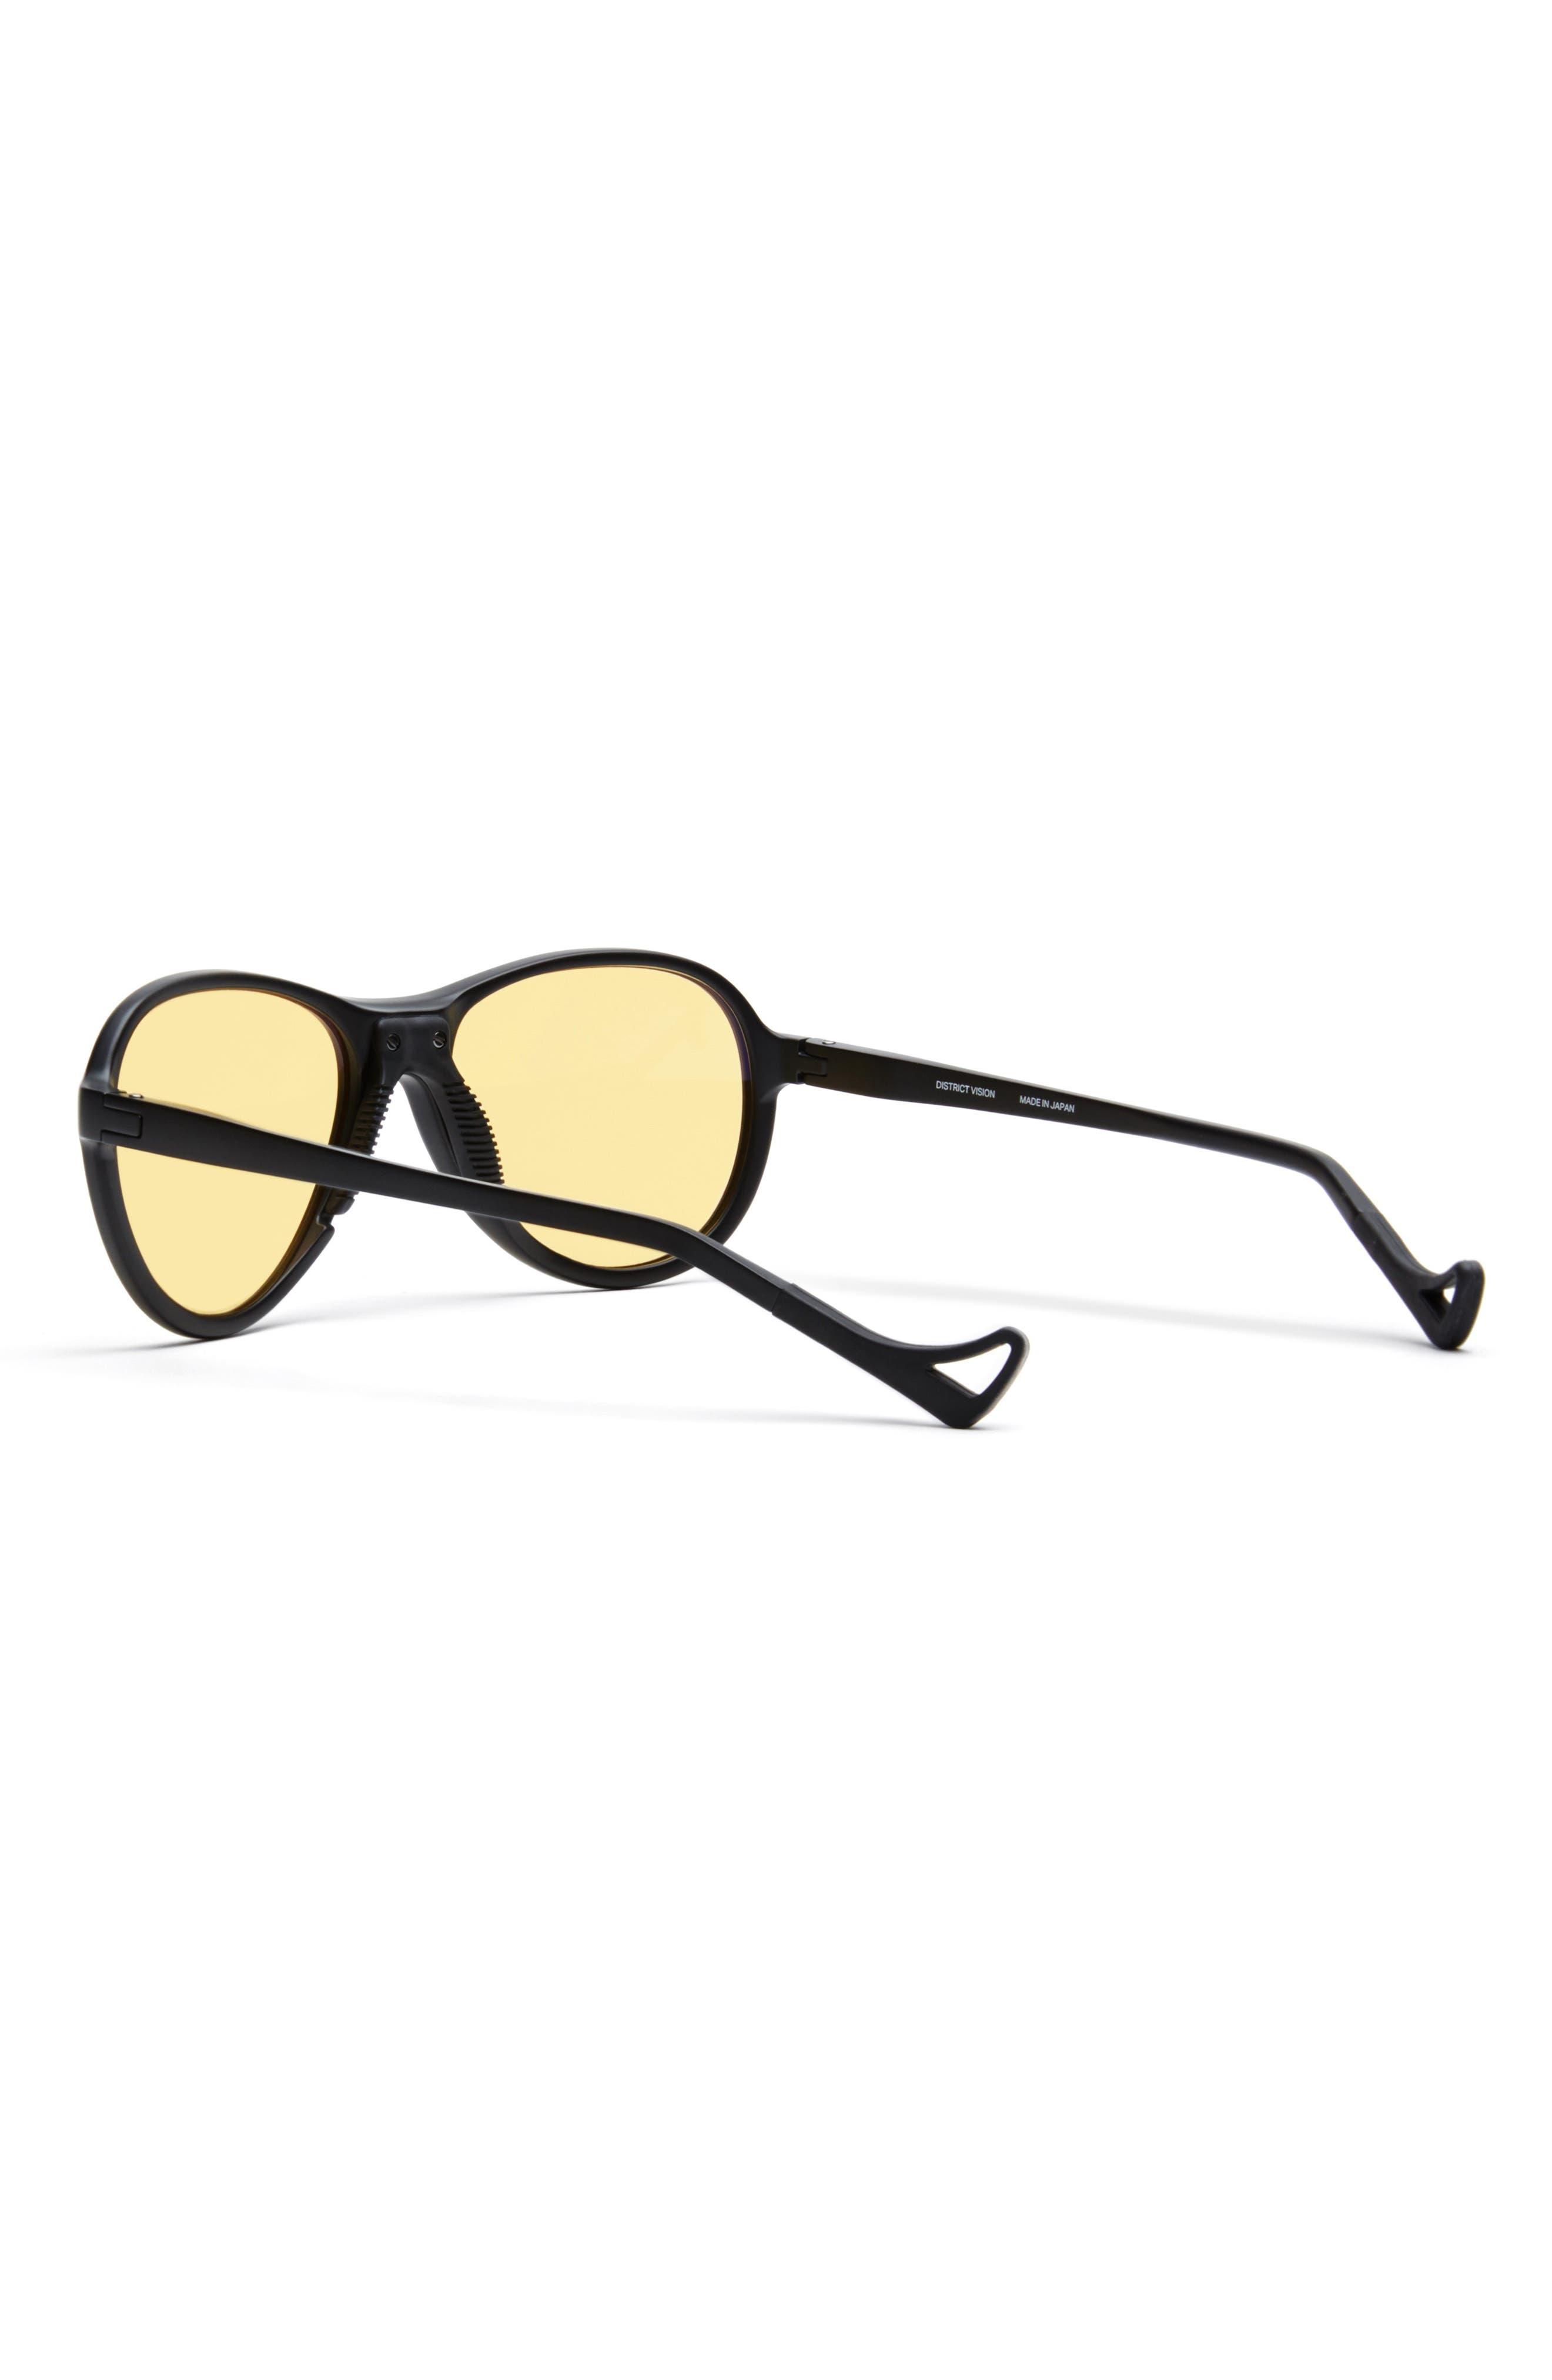 Kaishiro 51mm Sunglasses,                             Alternate thumbnail 3, color,                             BLACK/ YELLOW